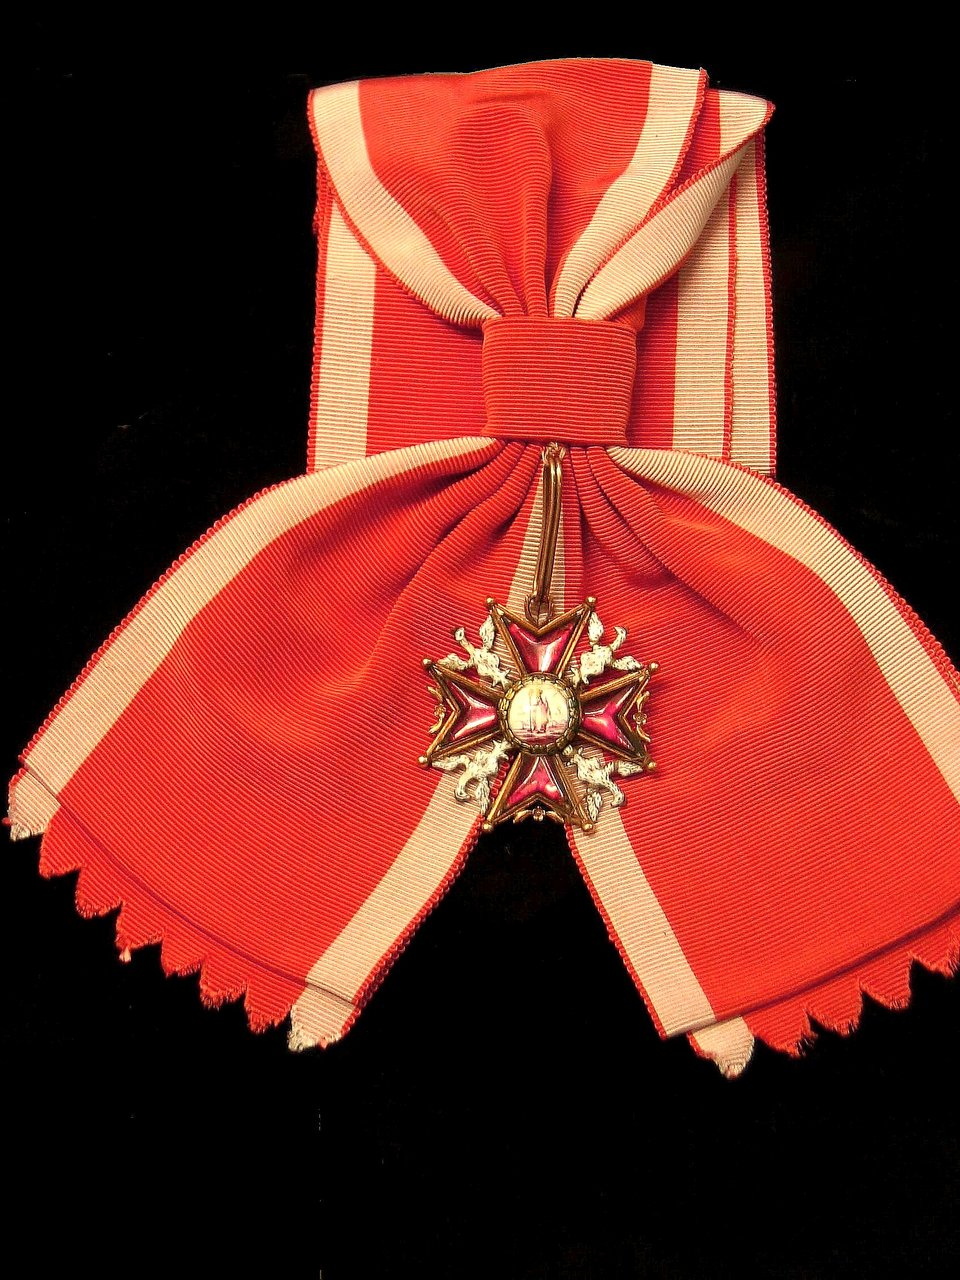 Order Świętego Stanisława Order Świętego Stanisława Źródło: Maciej Szczepańczyk, Wikimedia Commons, licencja: CC BY-SA 3.0.